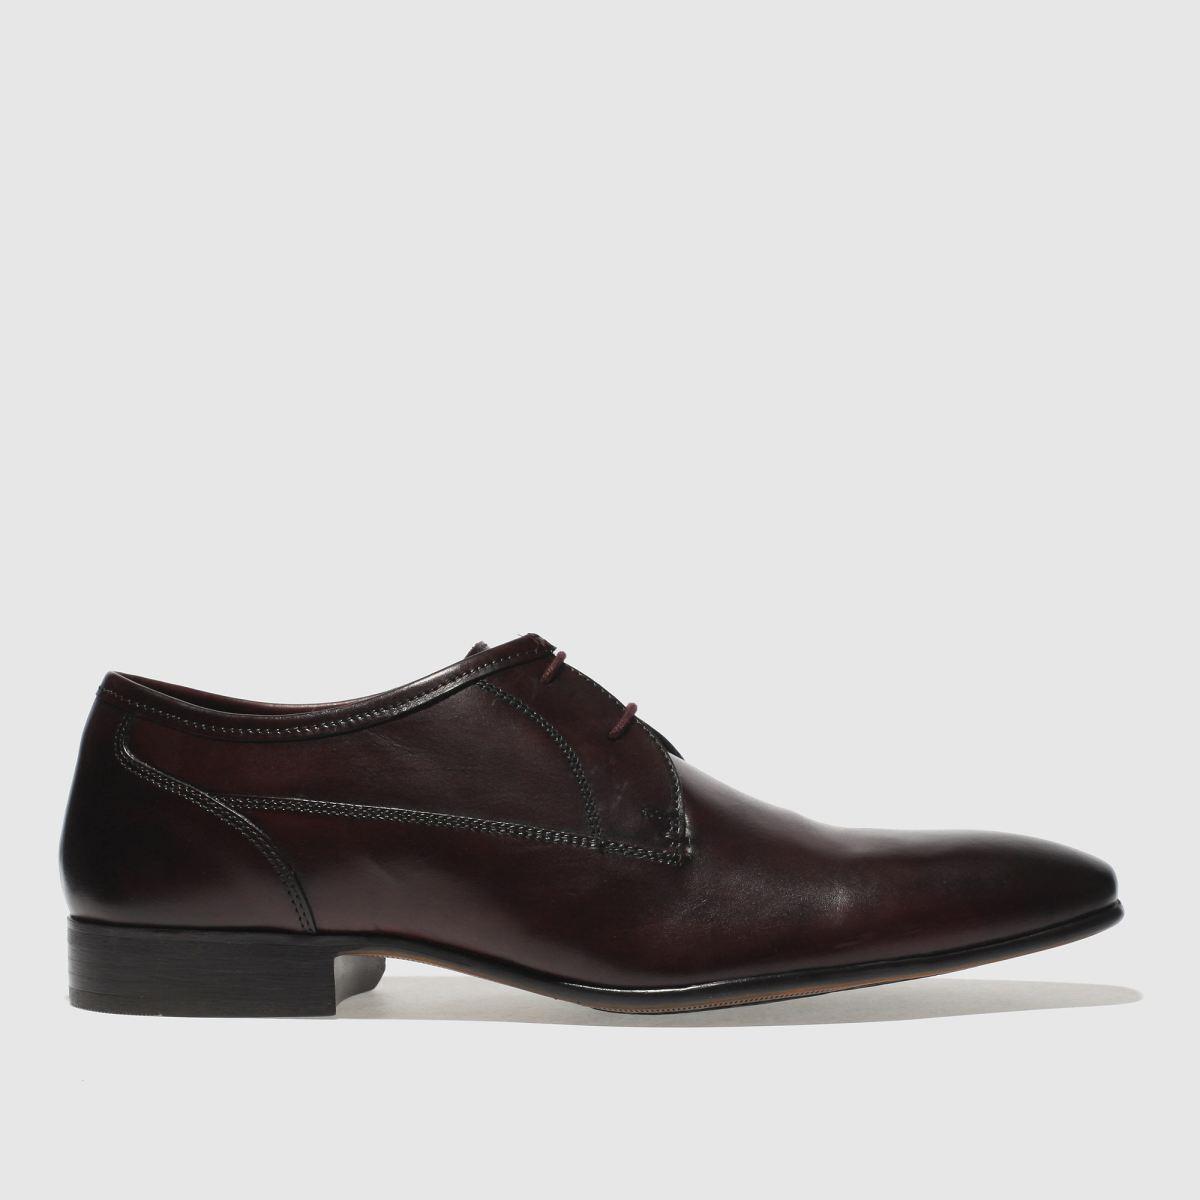 Ikon Ikon Burgundy Bowles Gibson Shoes